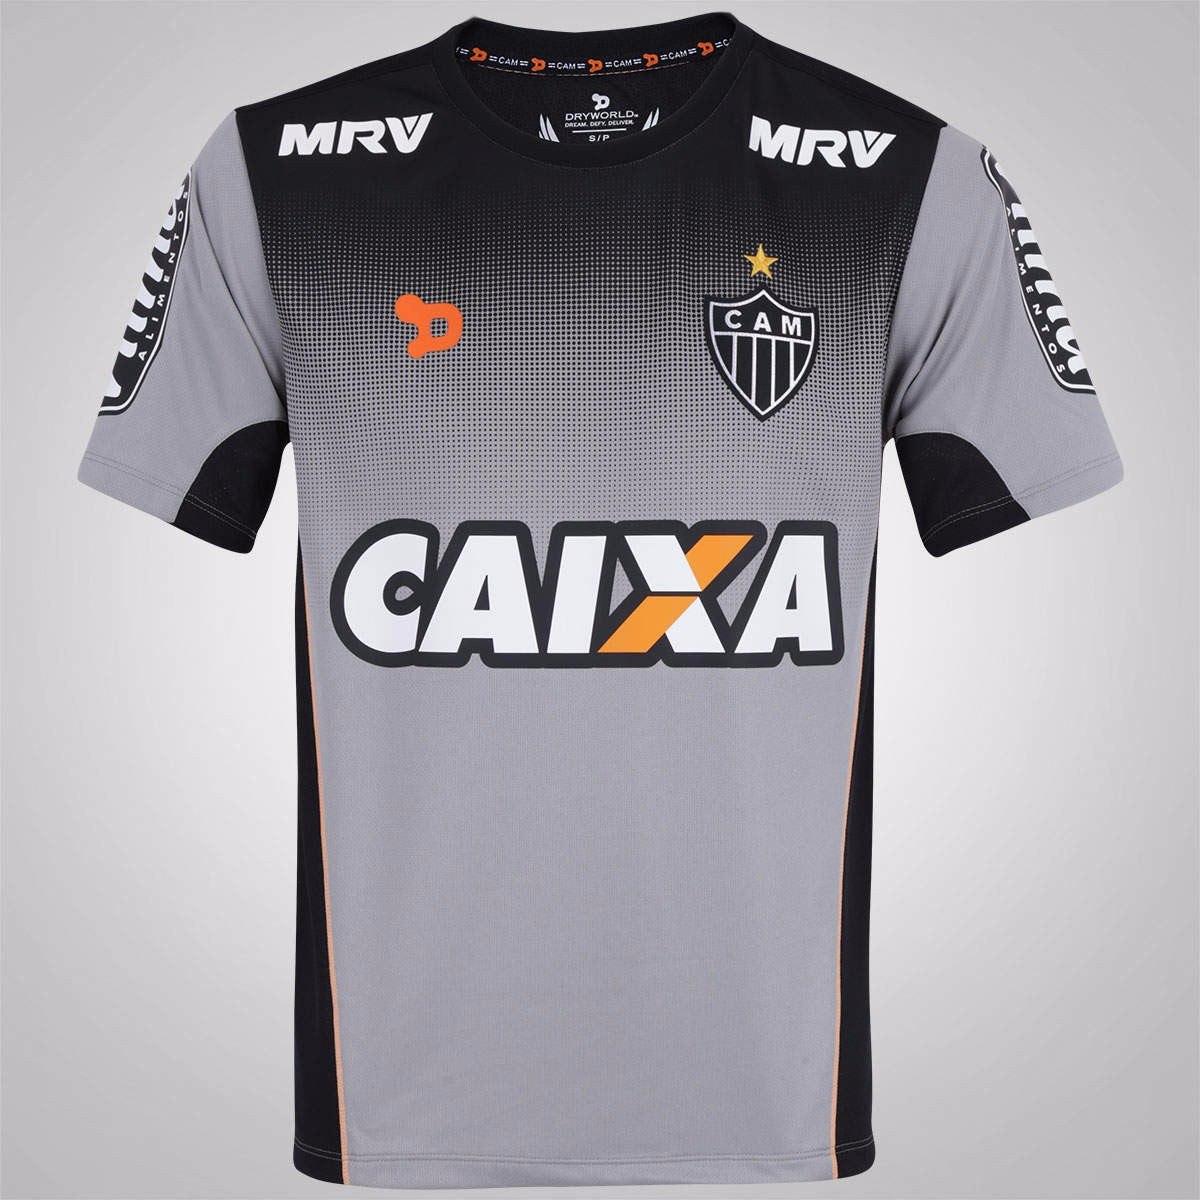 Camisa Dryworld Atlético Mineiro Treino Ct 2016 Oficial - R  129 3047a842e0837